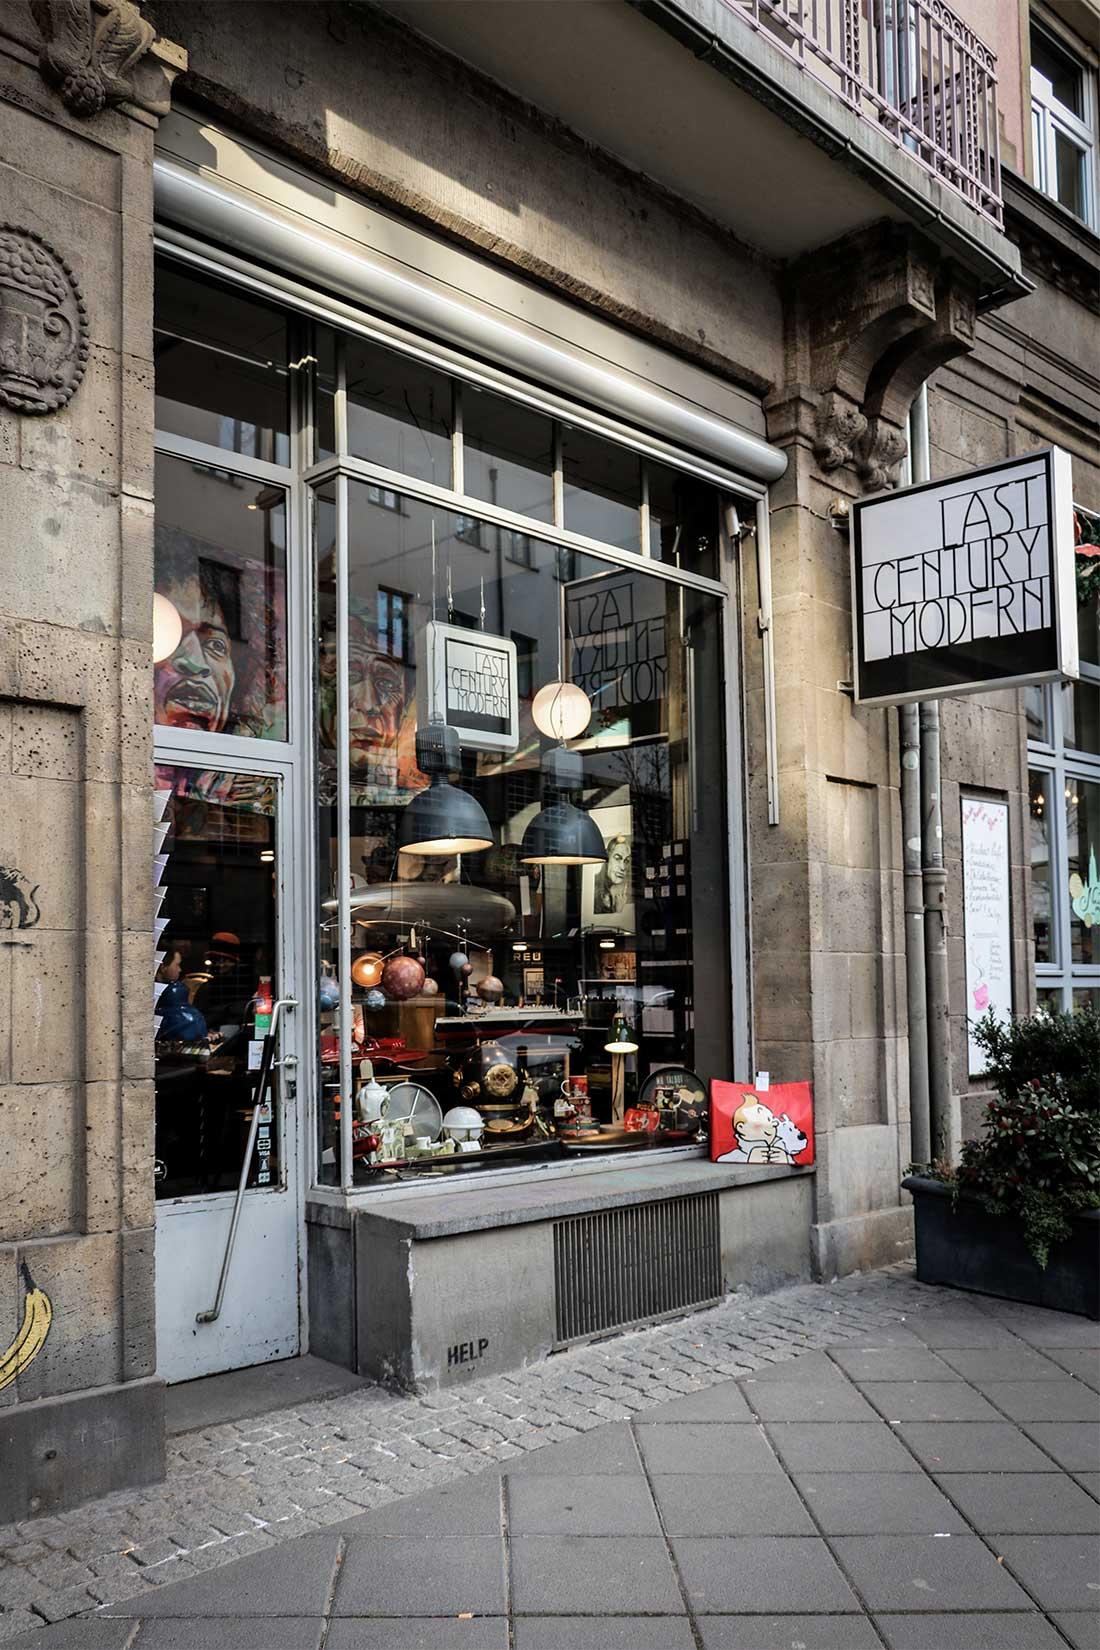 Last Century Modern Store in der Domstraße